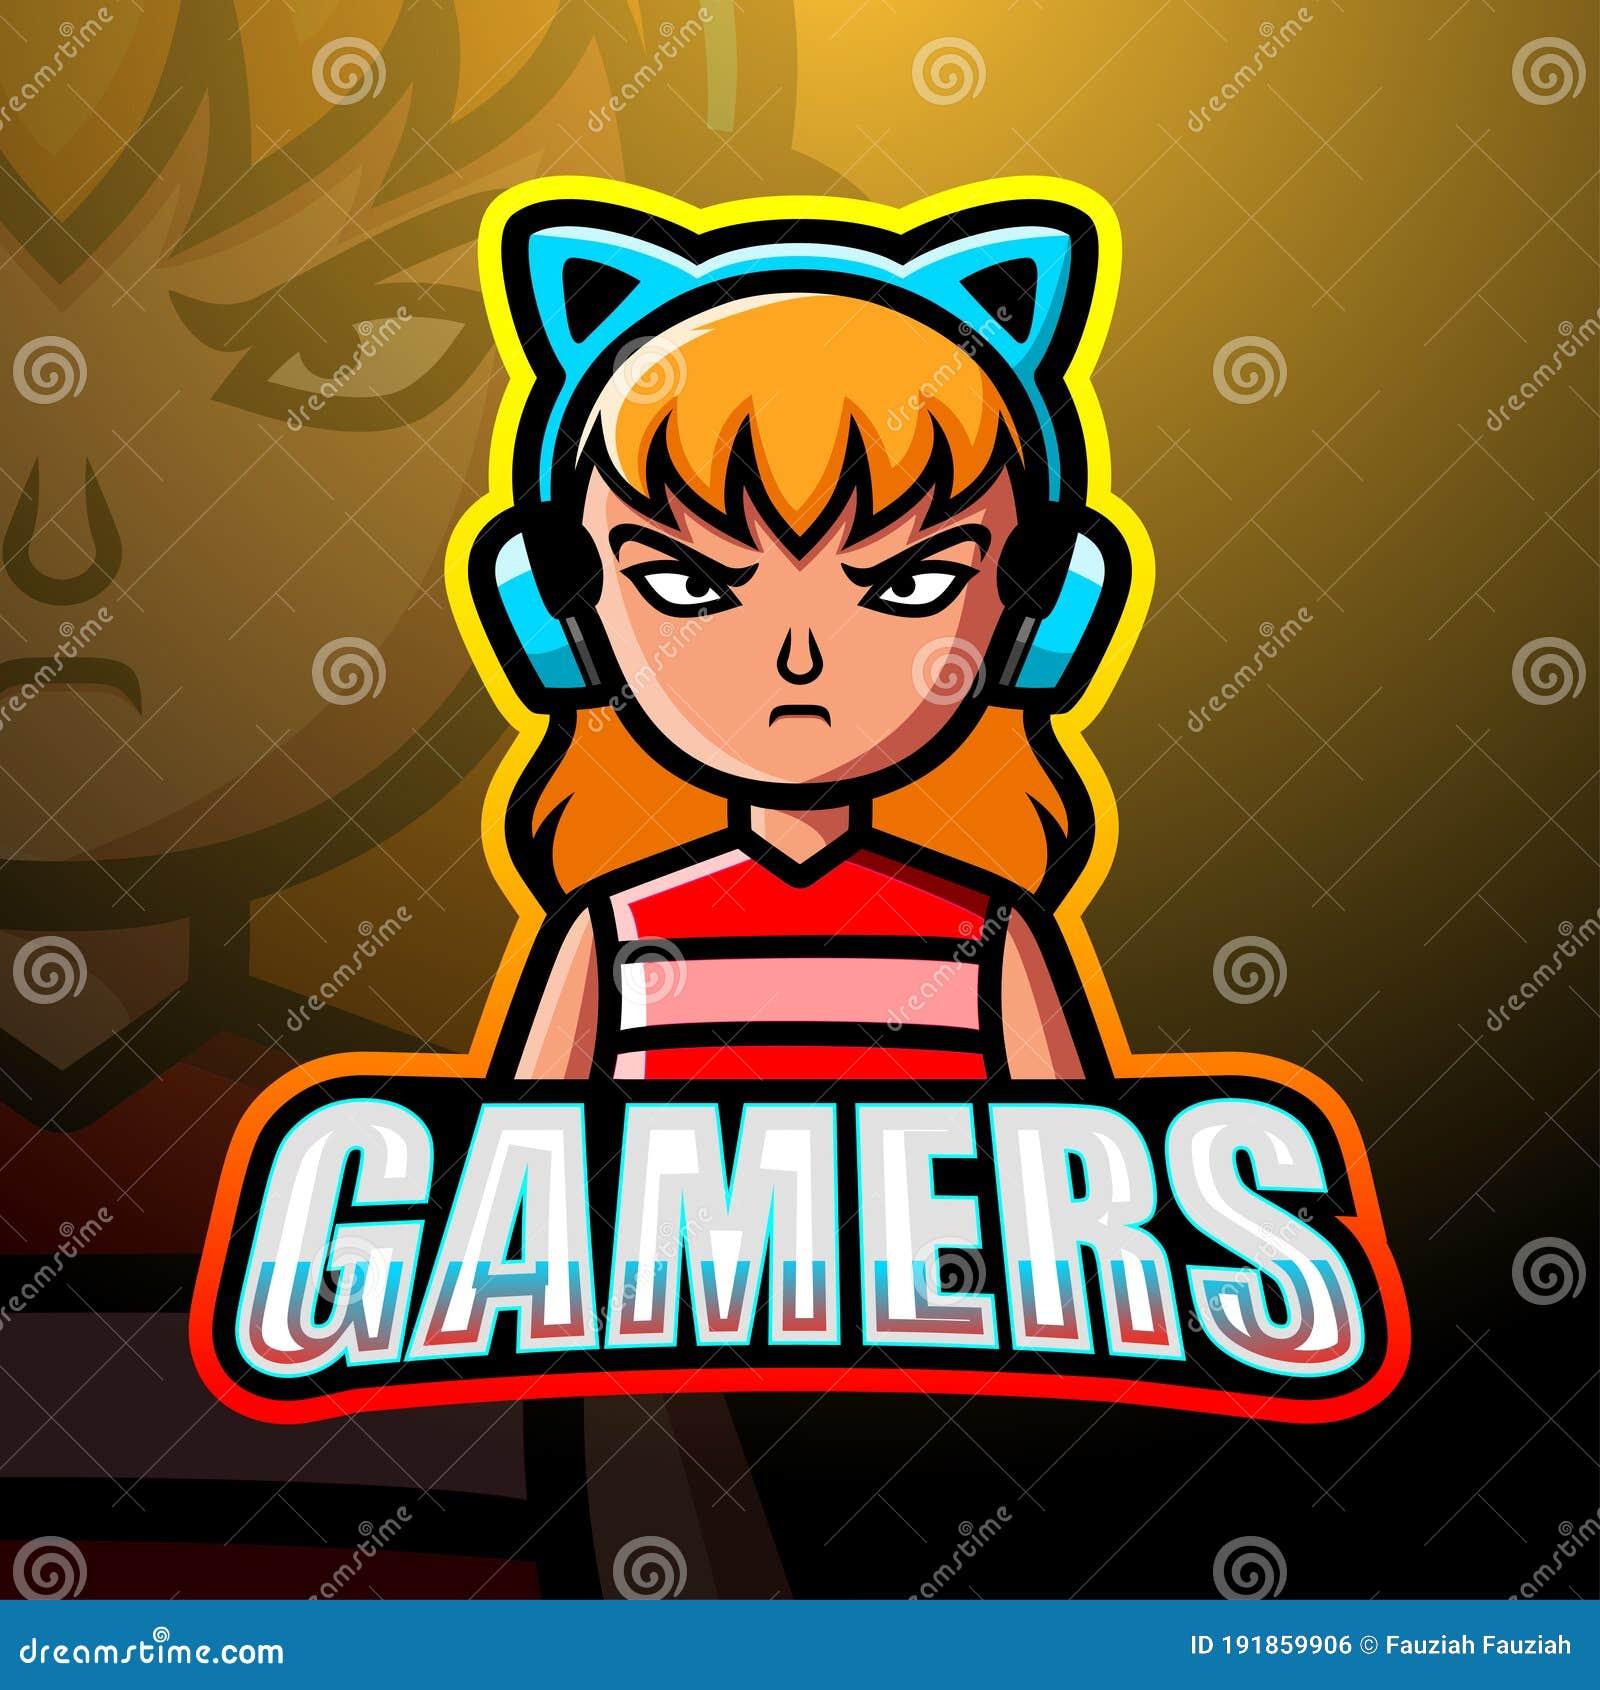 Gamer Girl Stock Illustrations 1 762 Gamer Girl Stock Illustrations Vectors Clipart Dreamstime